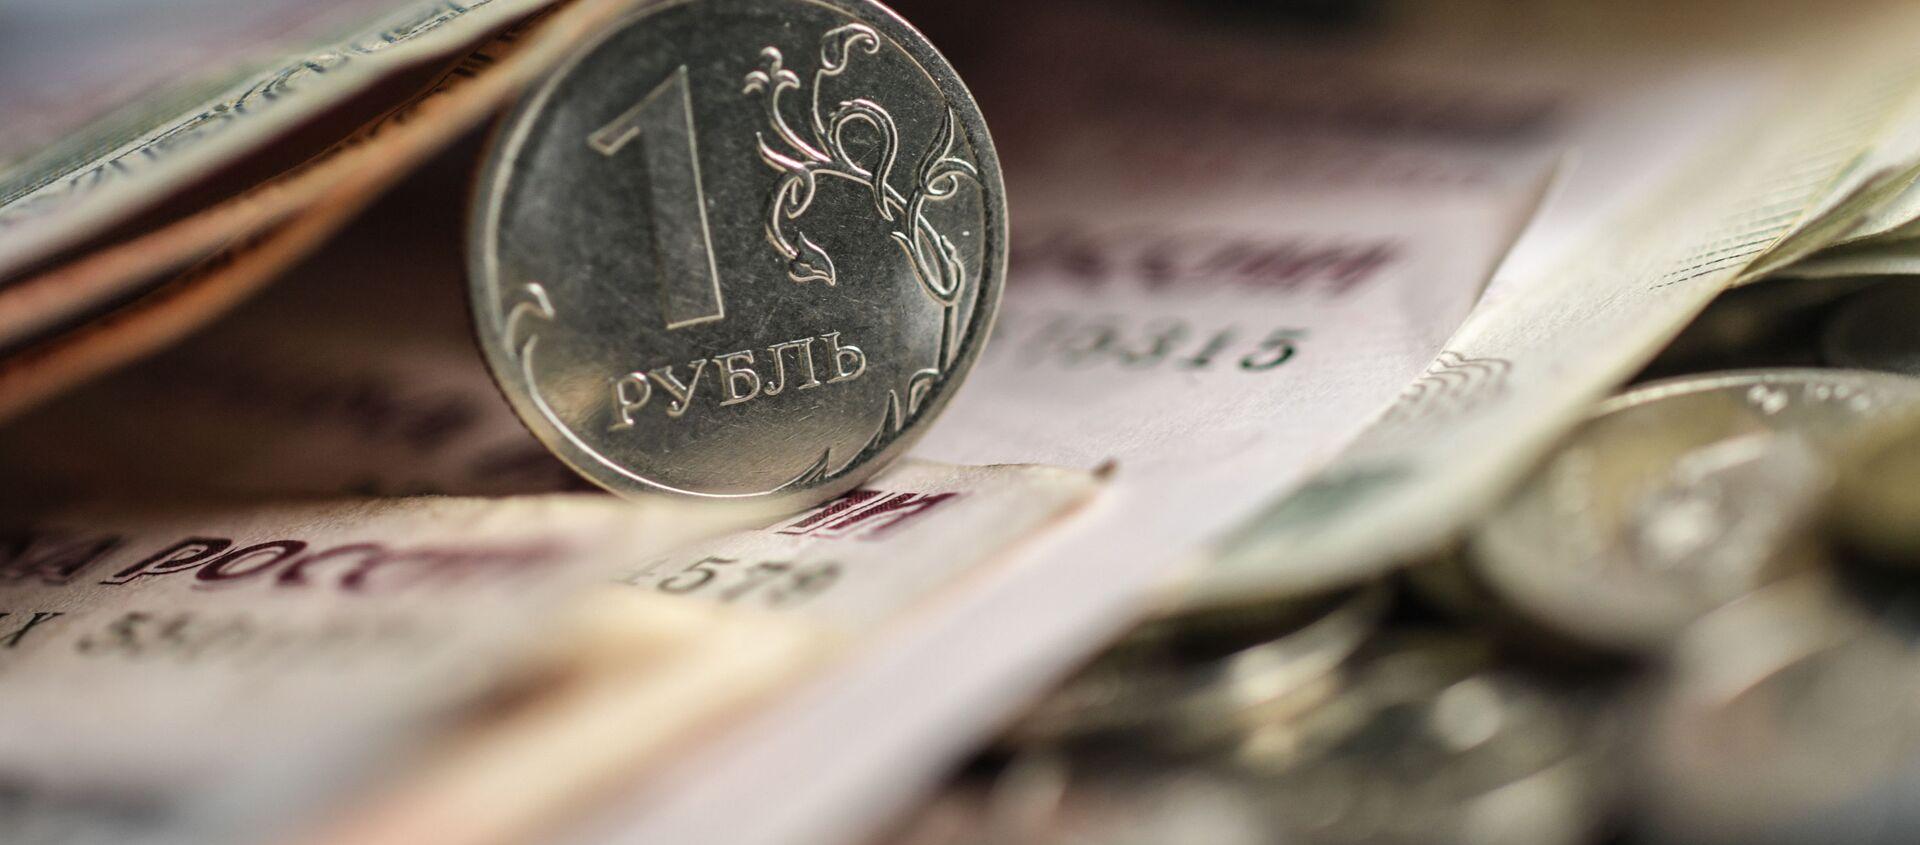 Денежные купюры и монеты. - Sputnik Абхазия, 1920, 21.07.2021